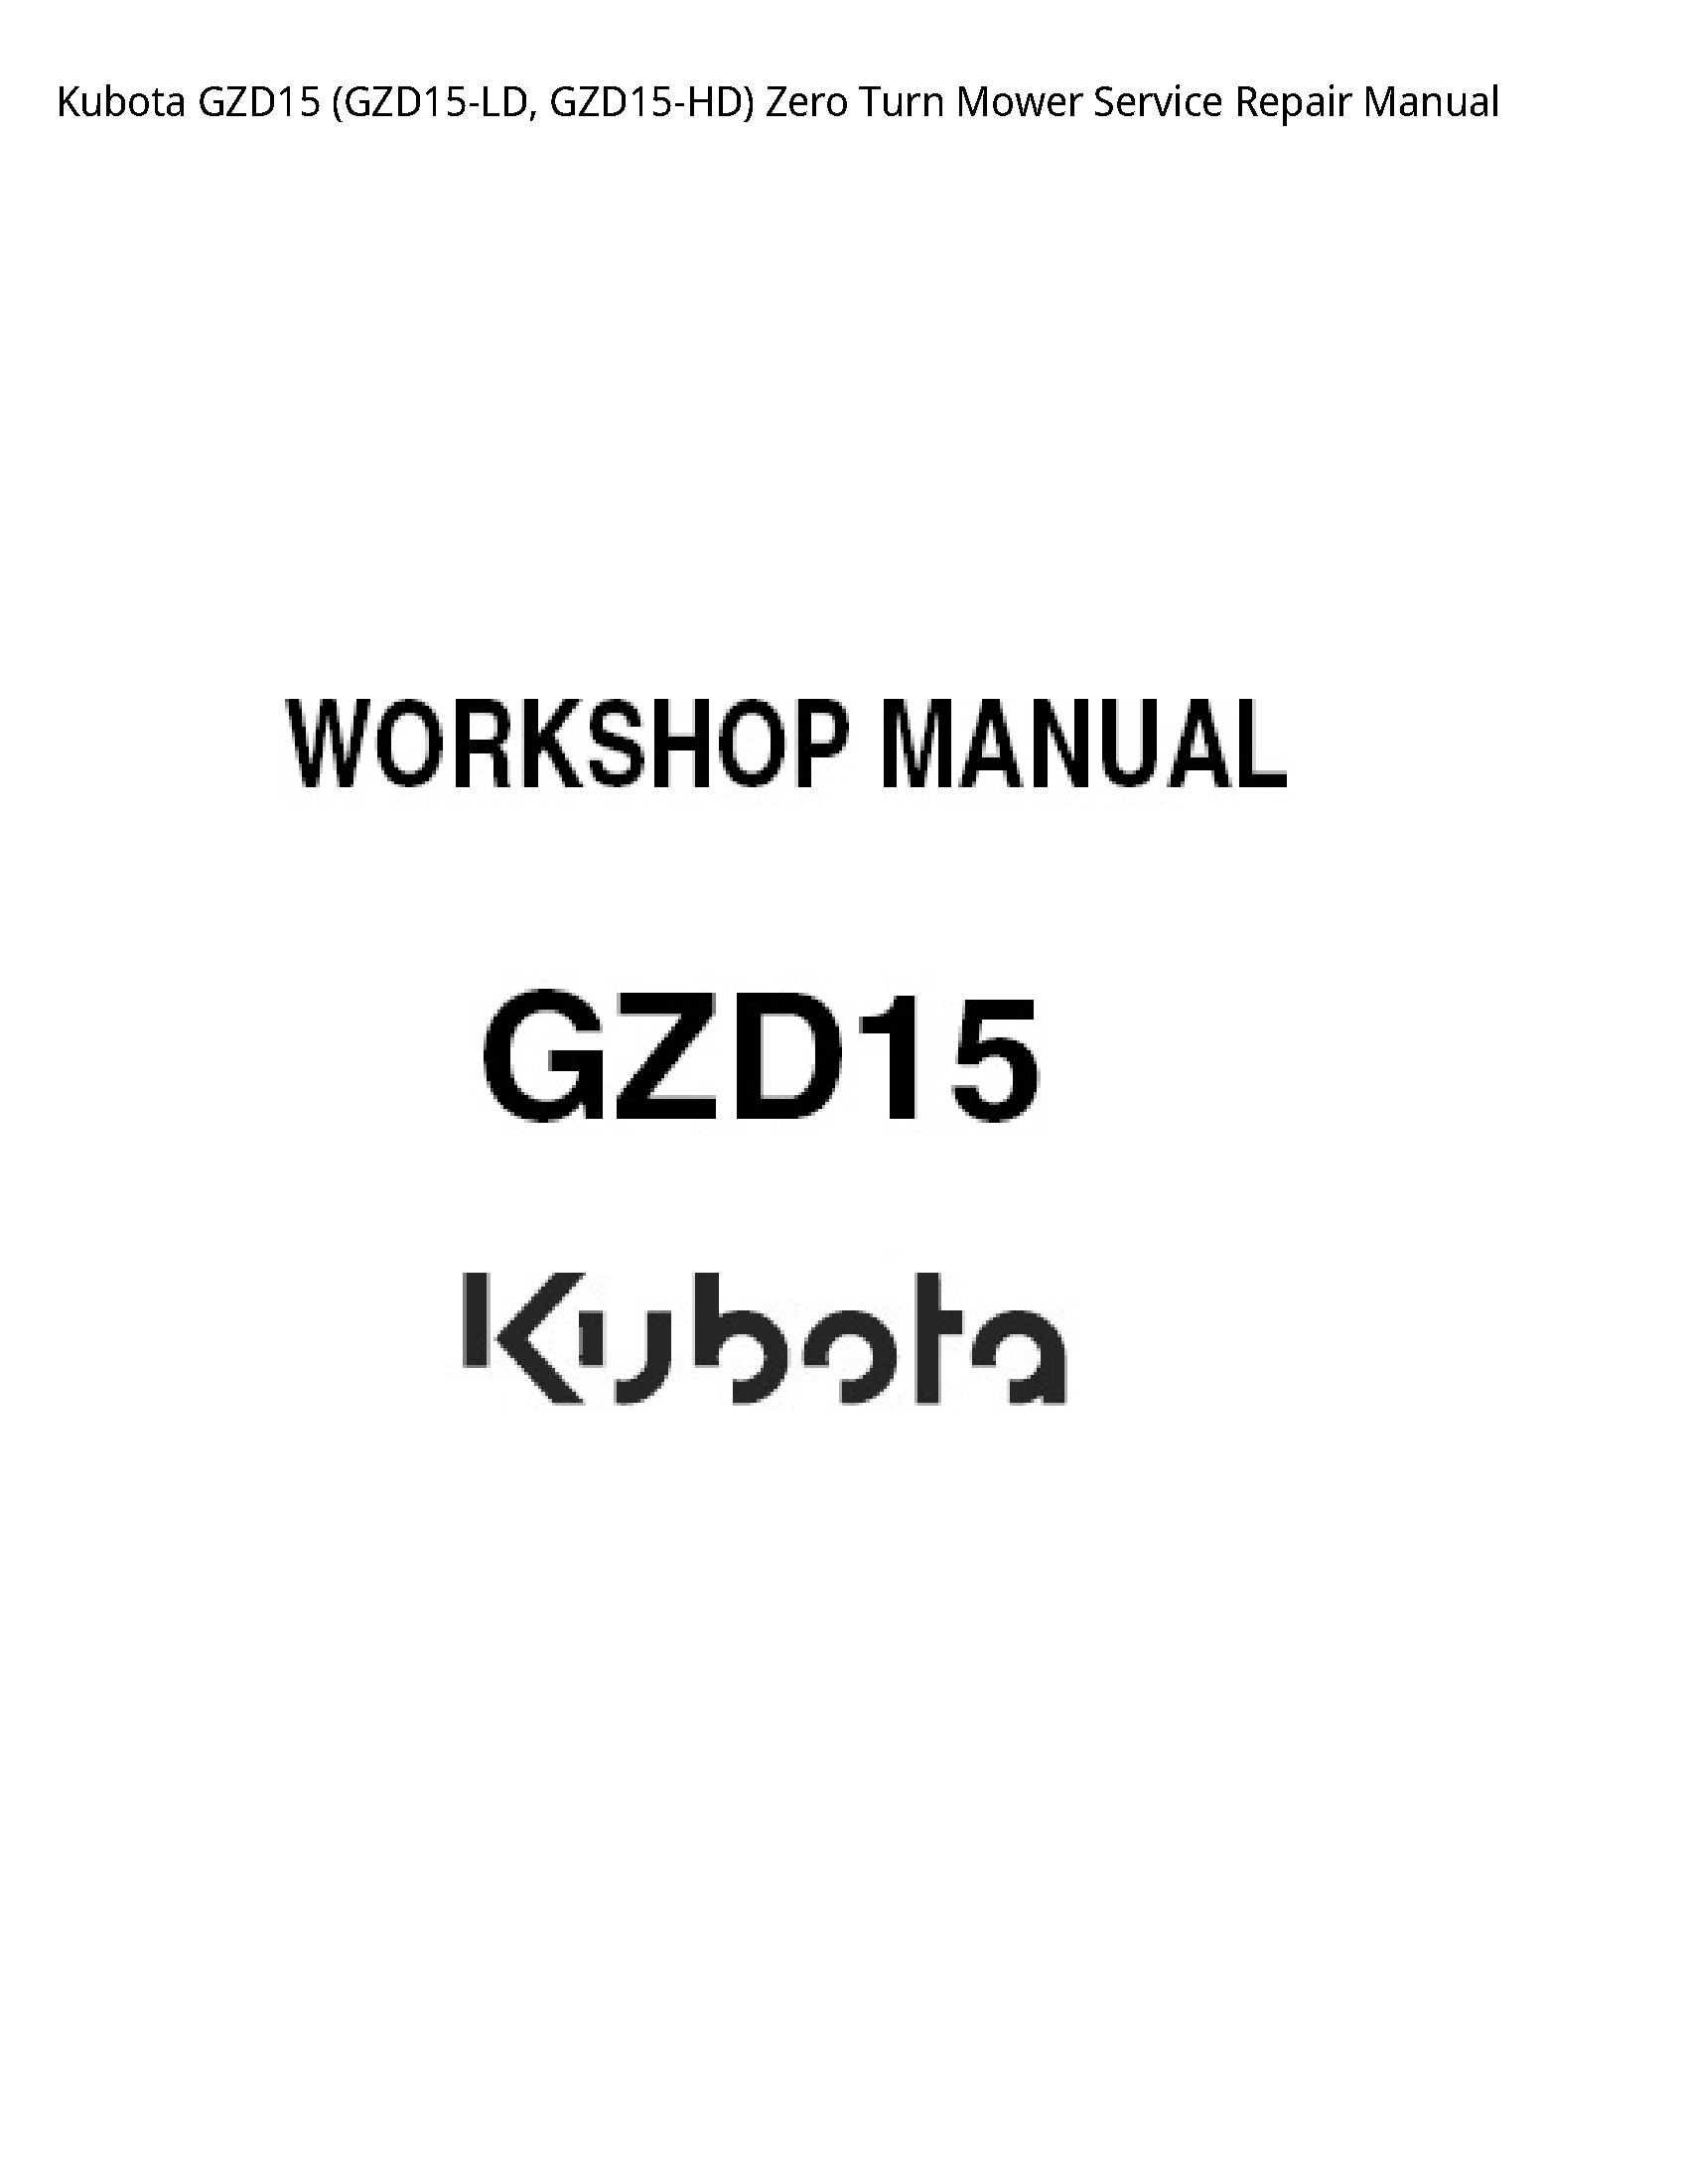 Kubota GZD15 Zero Turn Mower manual